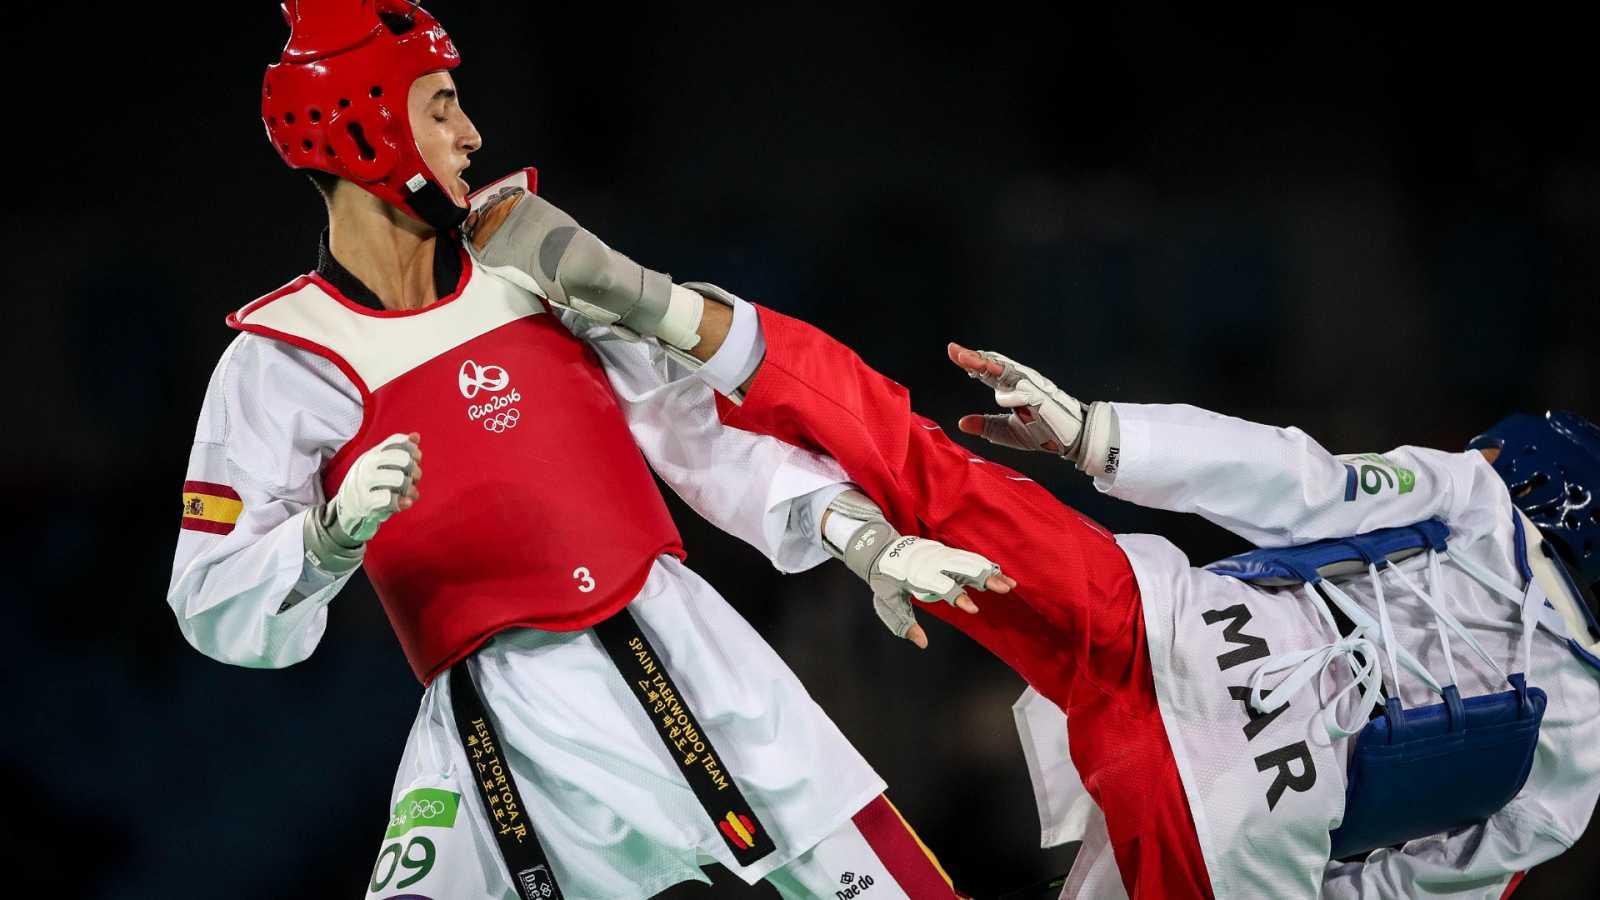 Los deportes de combate se unen contra el coronavirus